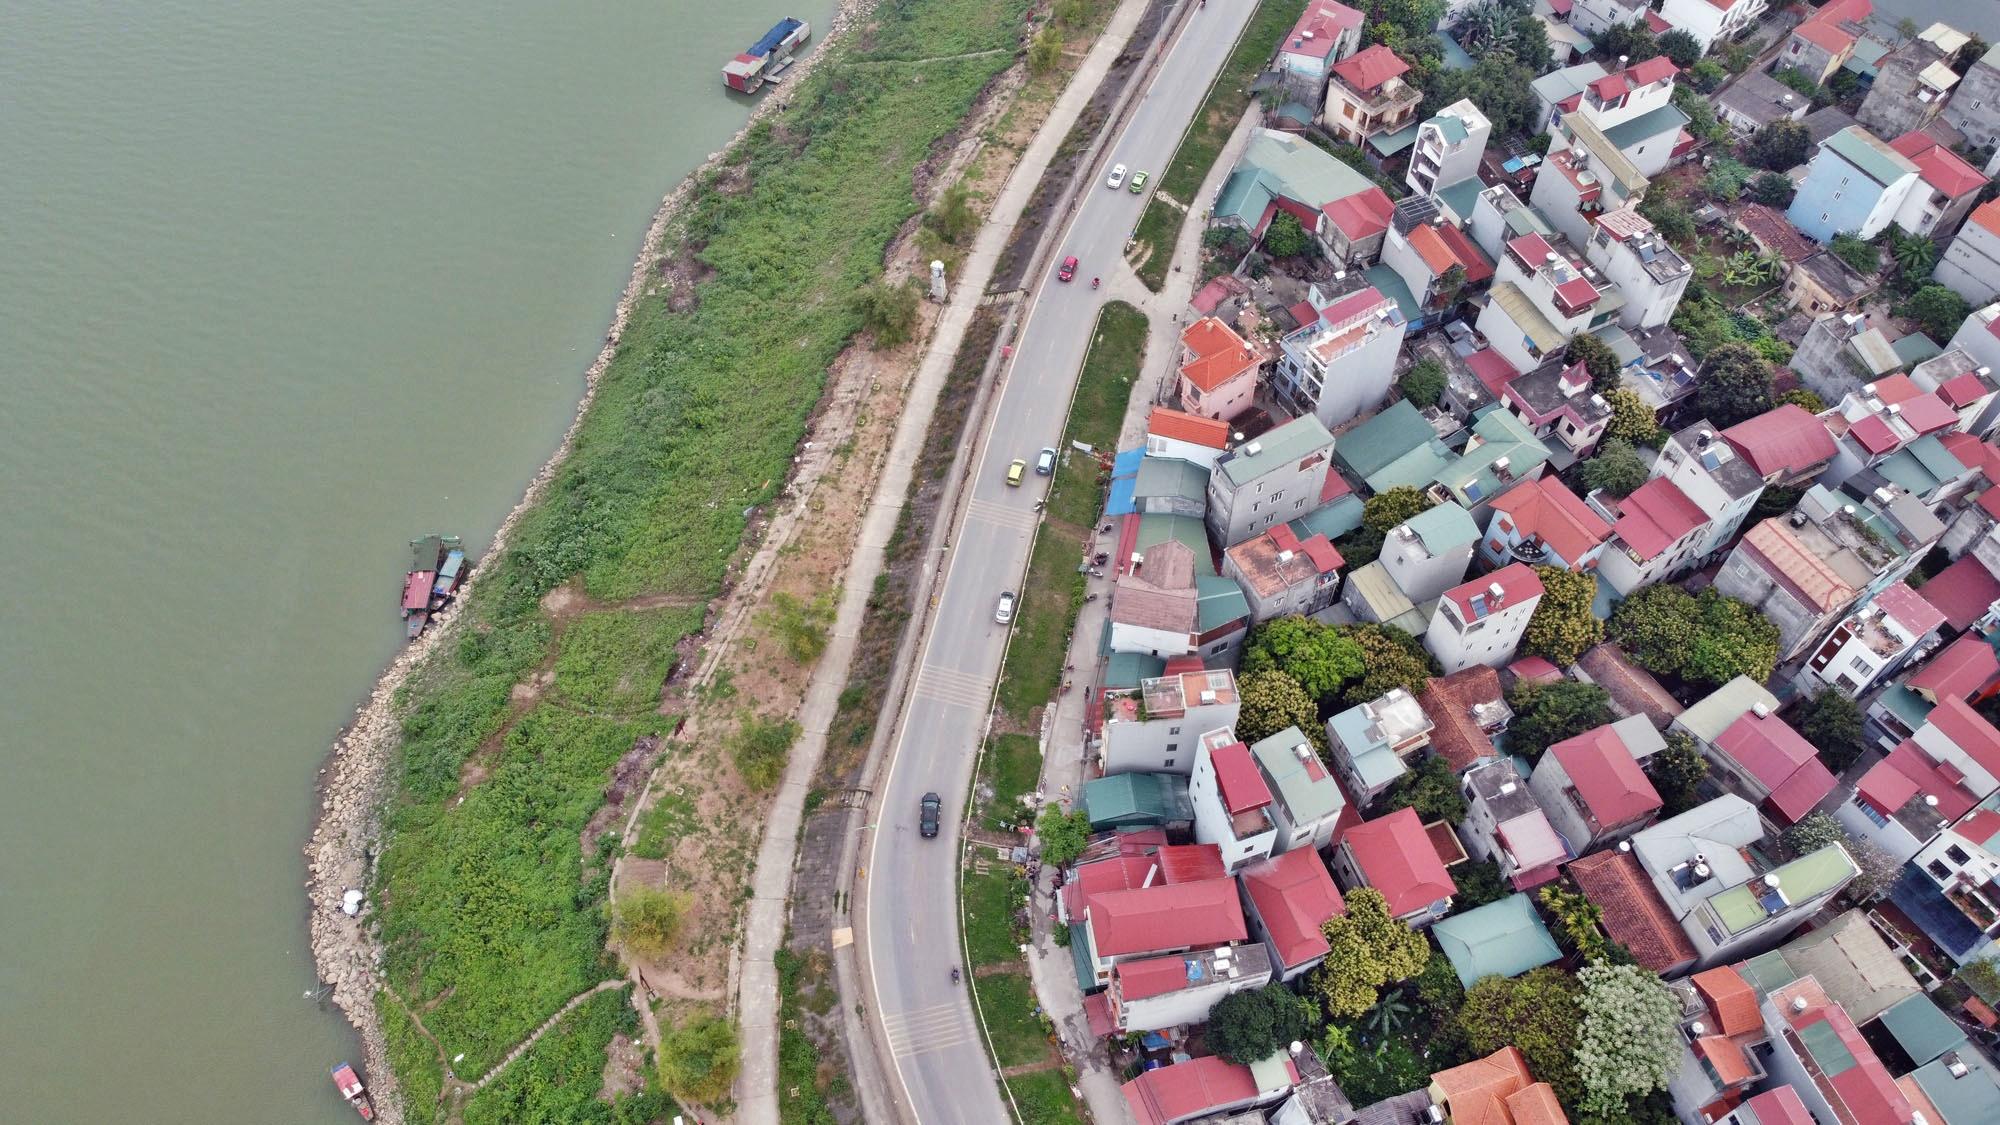 Toàn cảnh hiện trạng Phân khu đô thị sông Hồng trên địa bàn quận Bắc Từ Liêm - Ảnh 22.